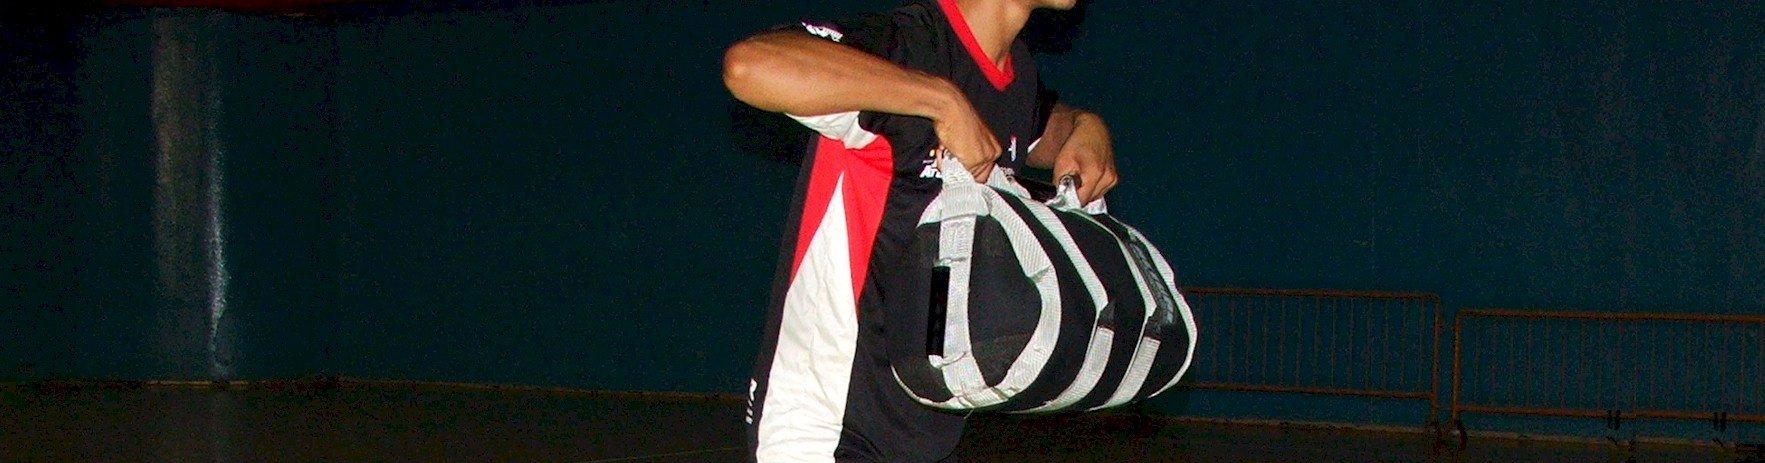 Treino com Equipamento de Peso - Sandbag 30kg Actual®